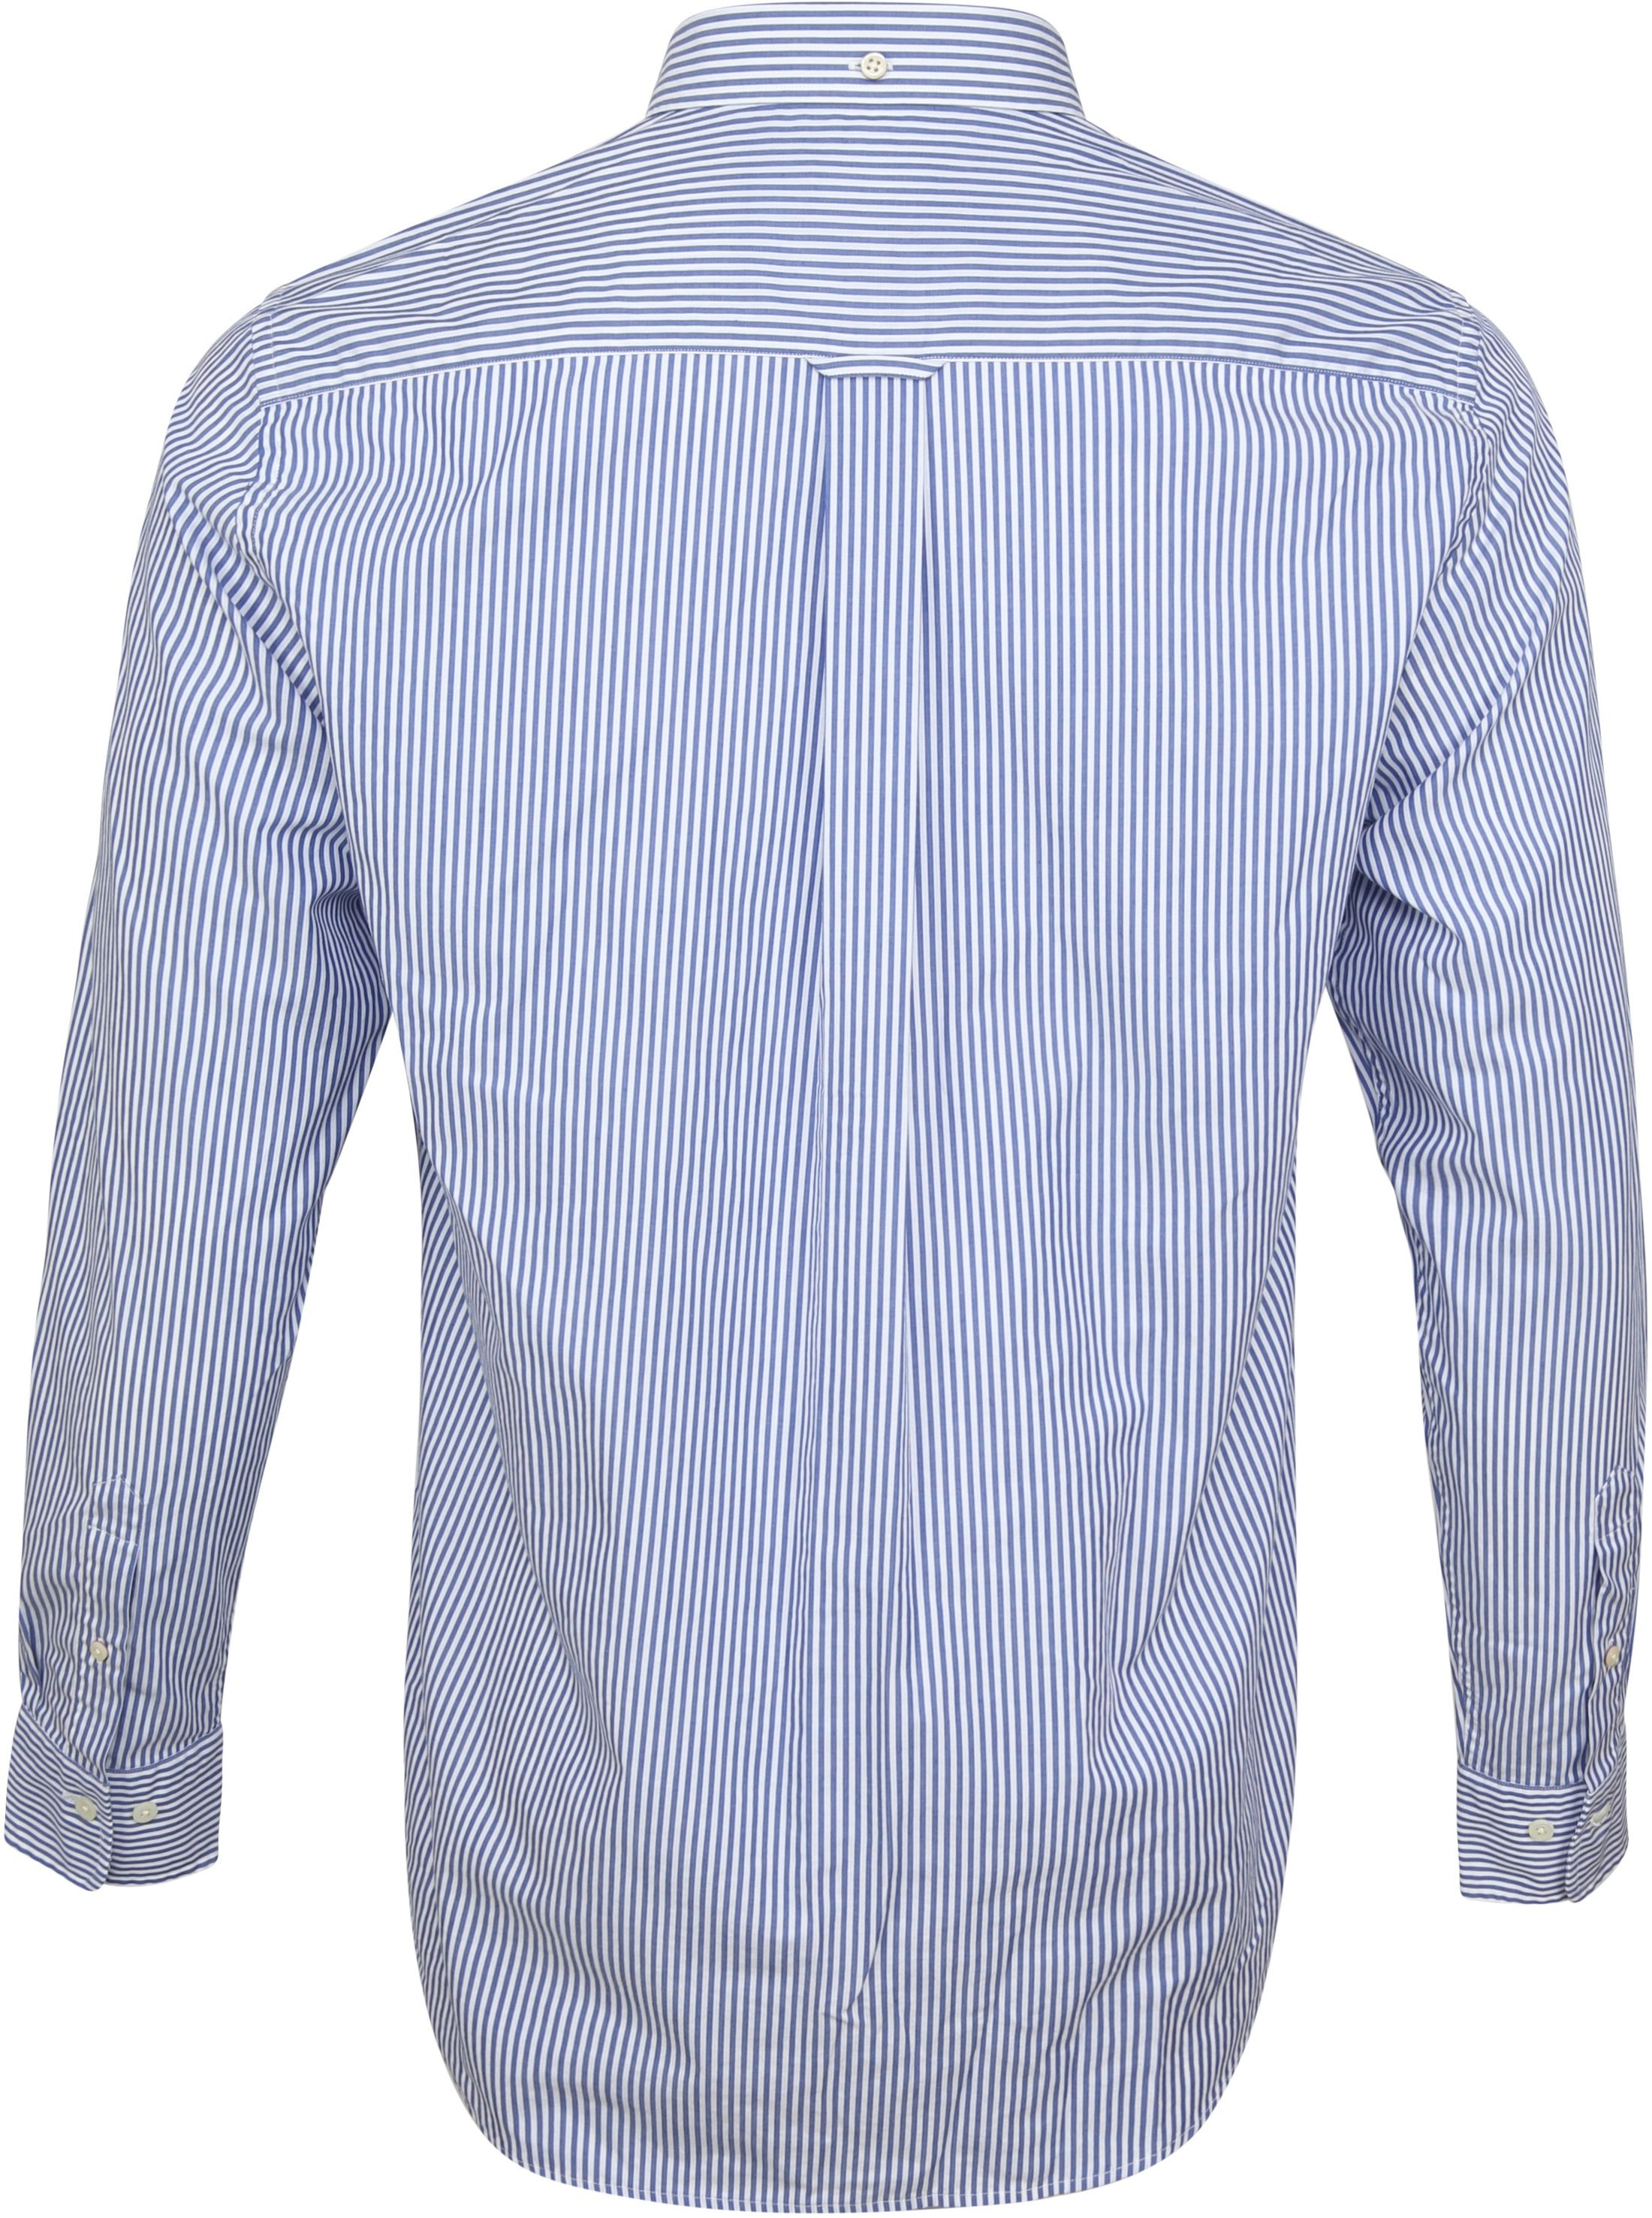 Gant Casual Overhemd Strepen Blauw foto 3